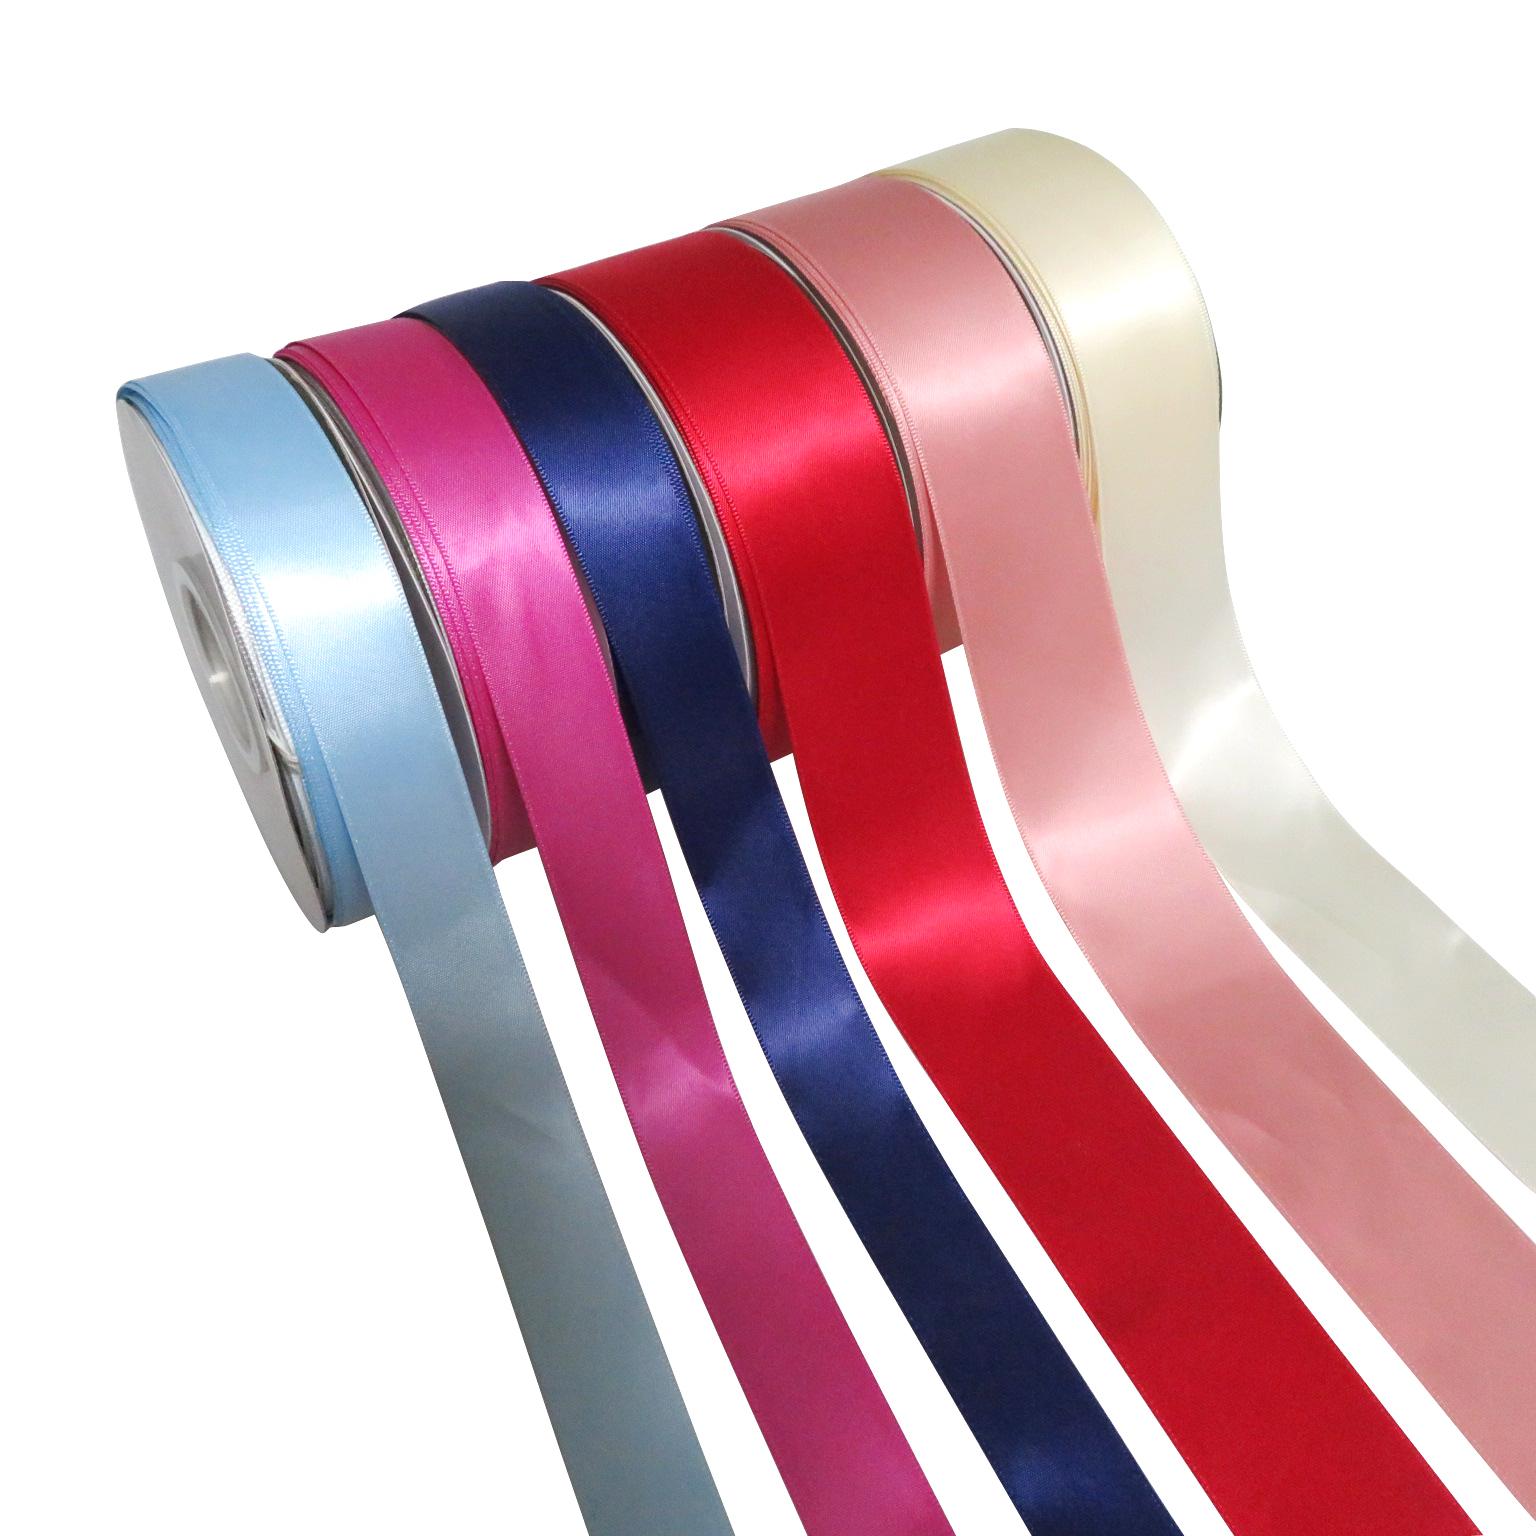 % 100% polyester renkli özel baskı saten kurdele ambalaj ve hediye için 196 renkler mevcut